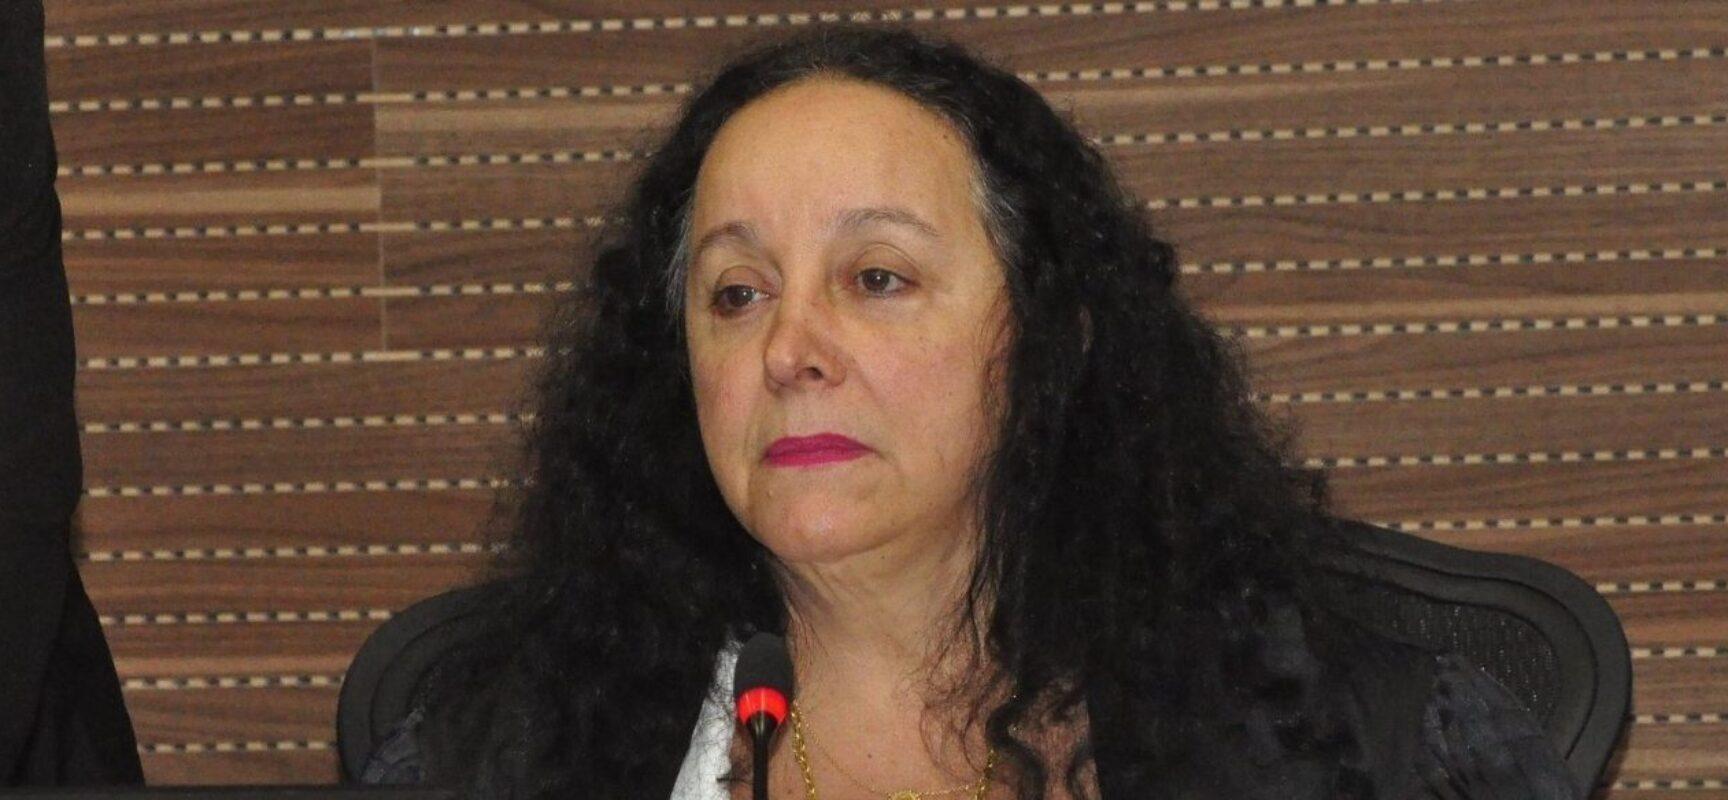 STJ determina soltura de ex-presidente do TJ da Bahia, alvo da Operação Faroeste